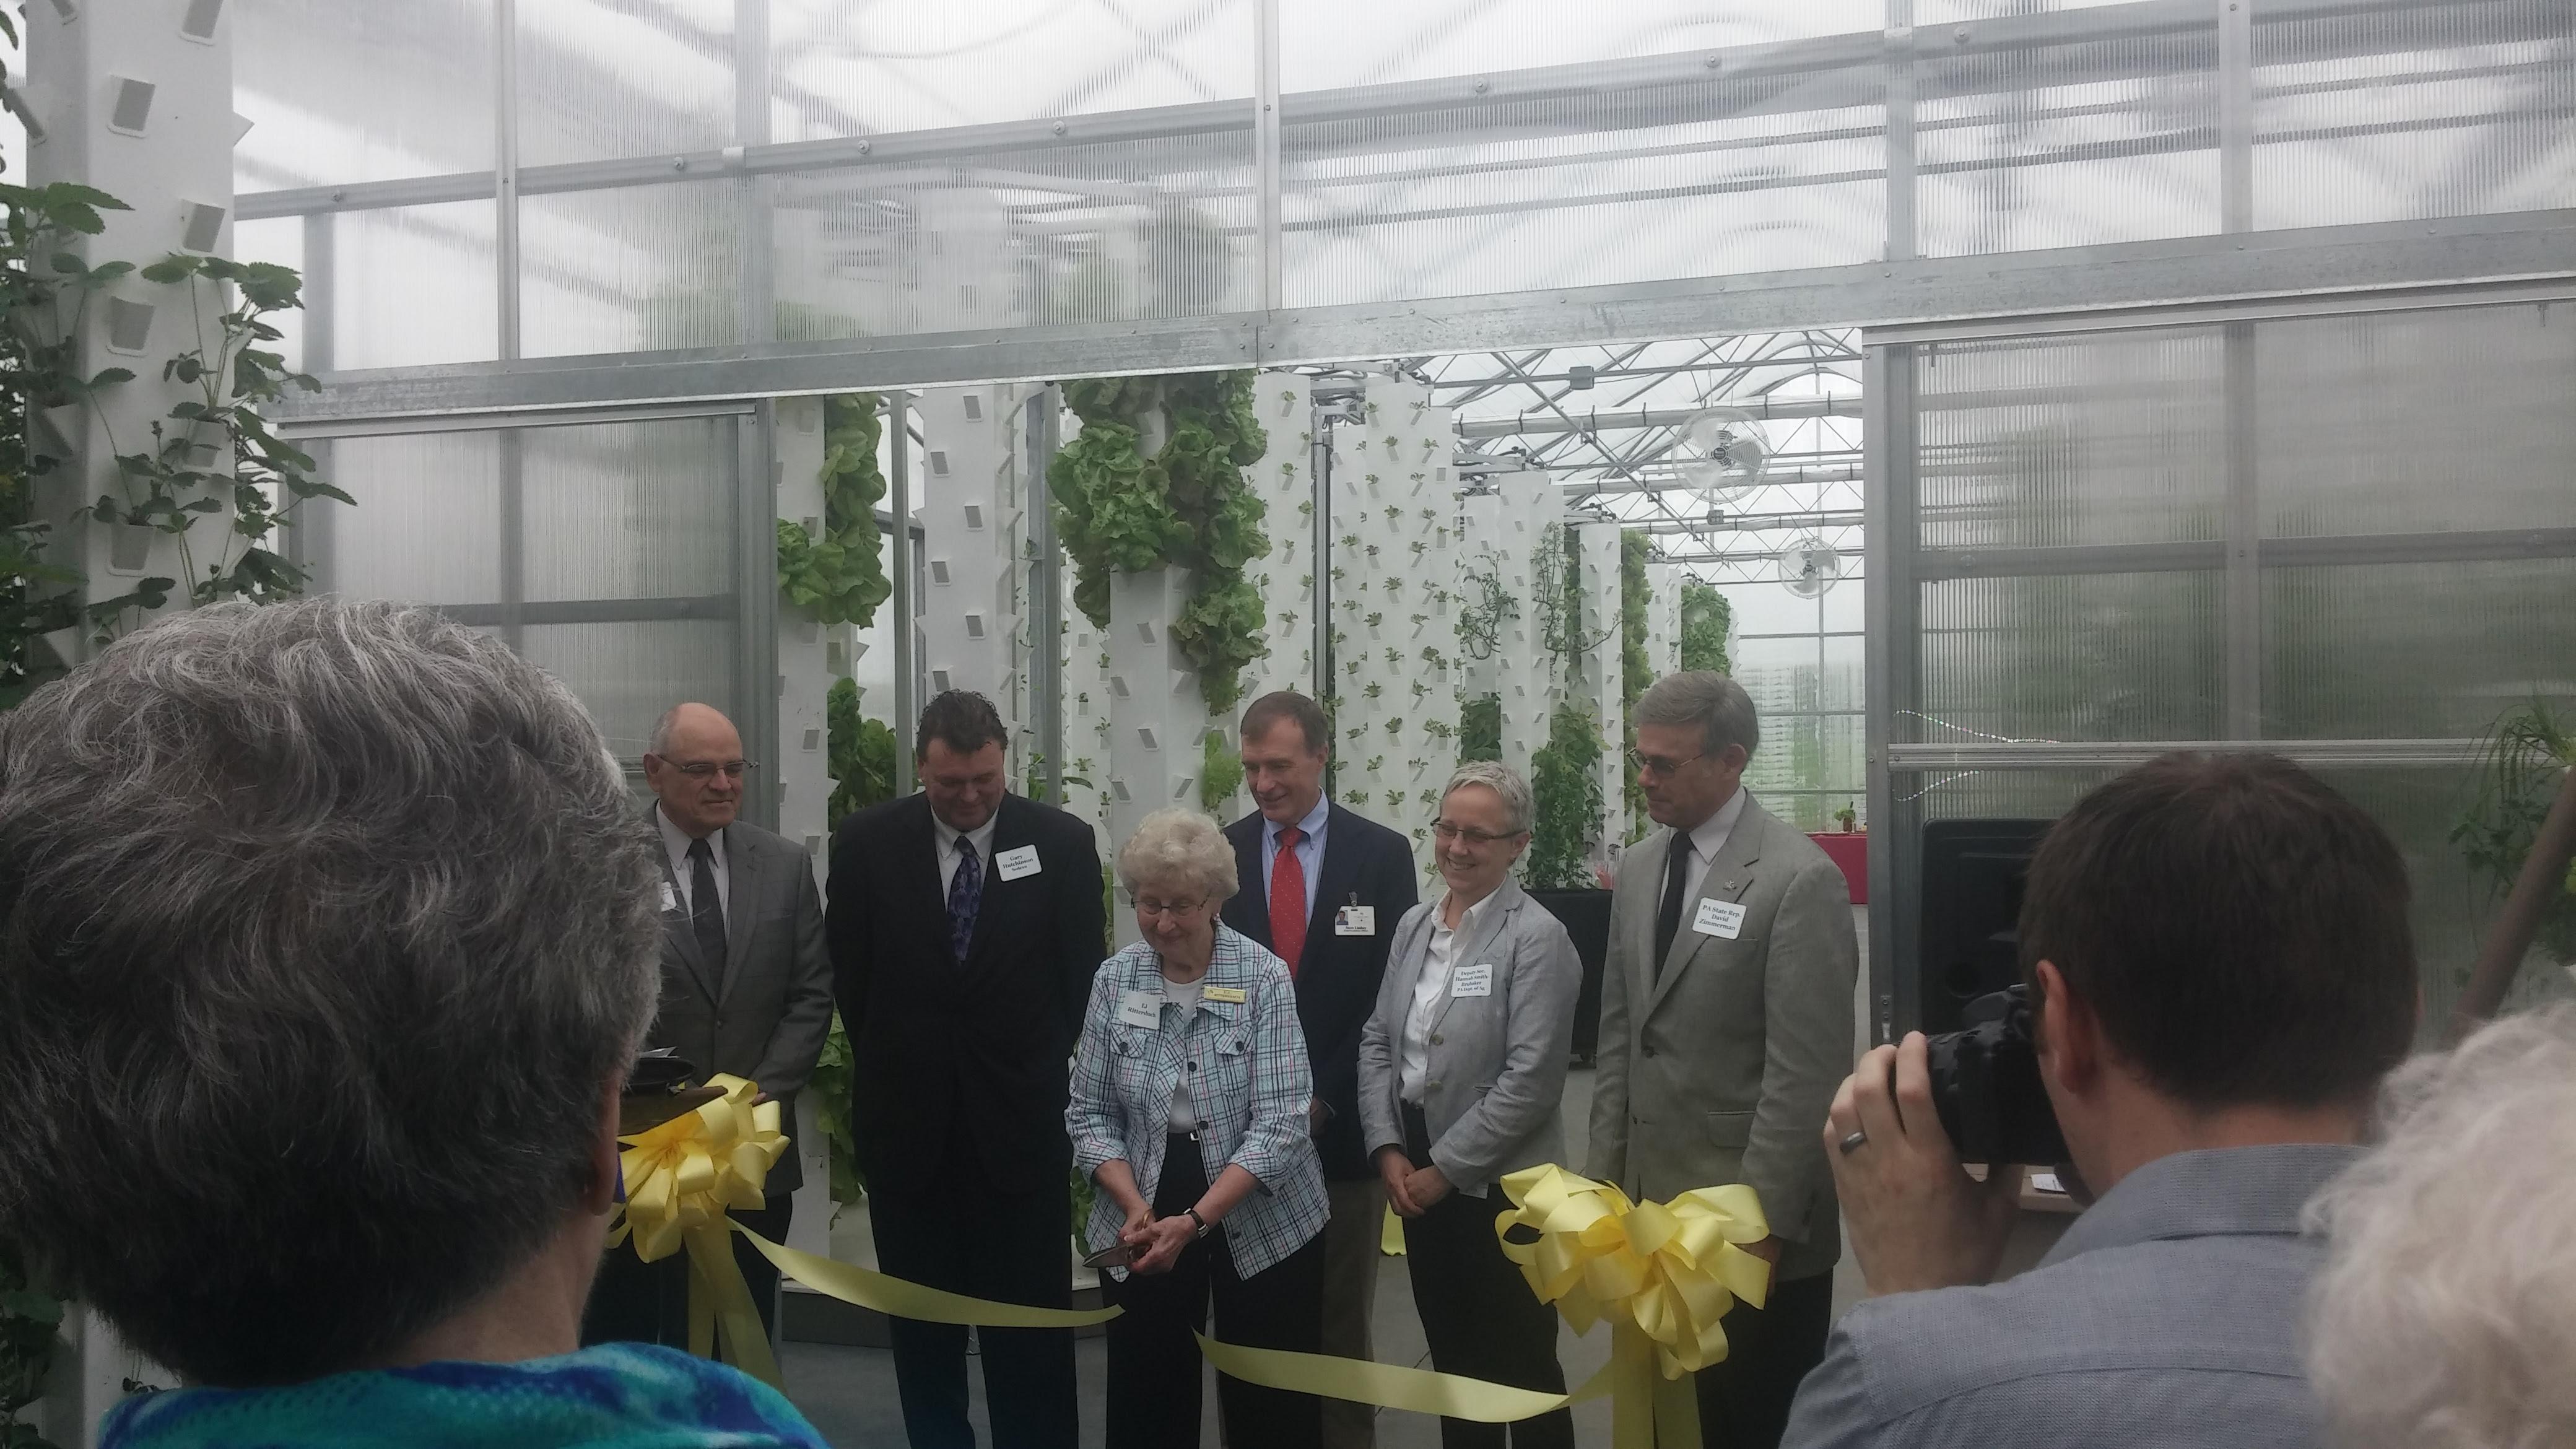 new greenhouse for garden spot - Garden Spot